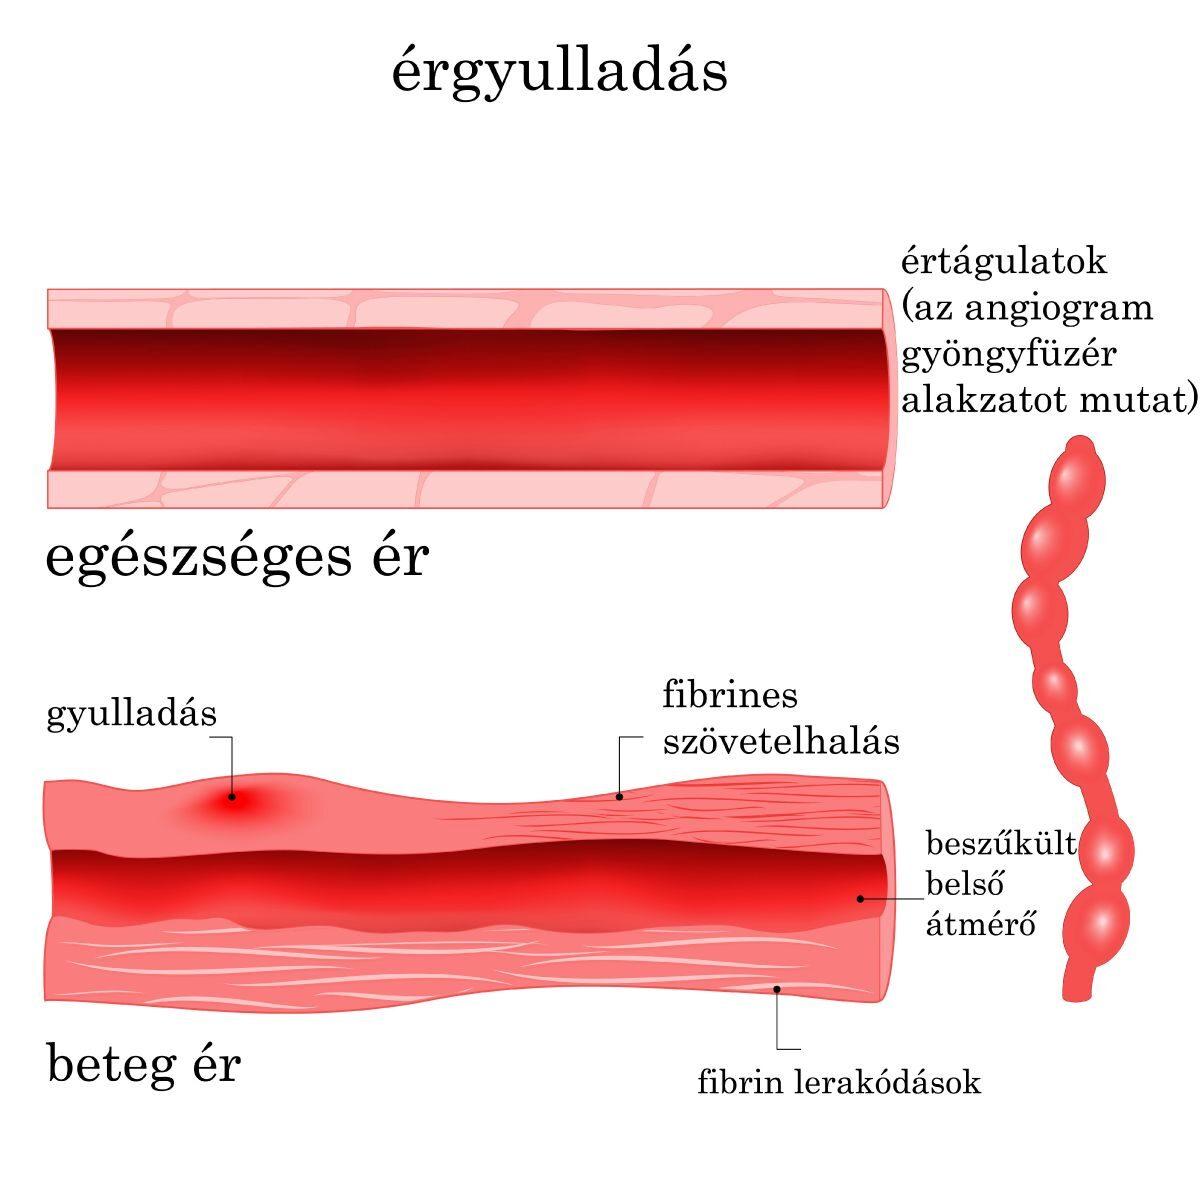 Vasculitisek, érgyulladások - Immunözpont